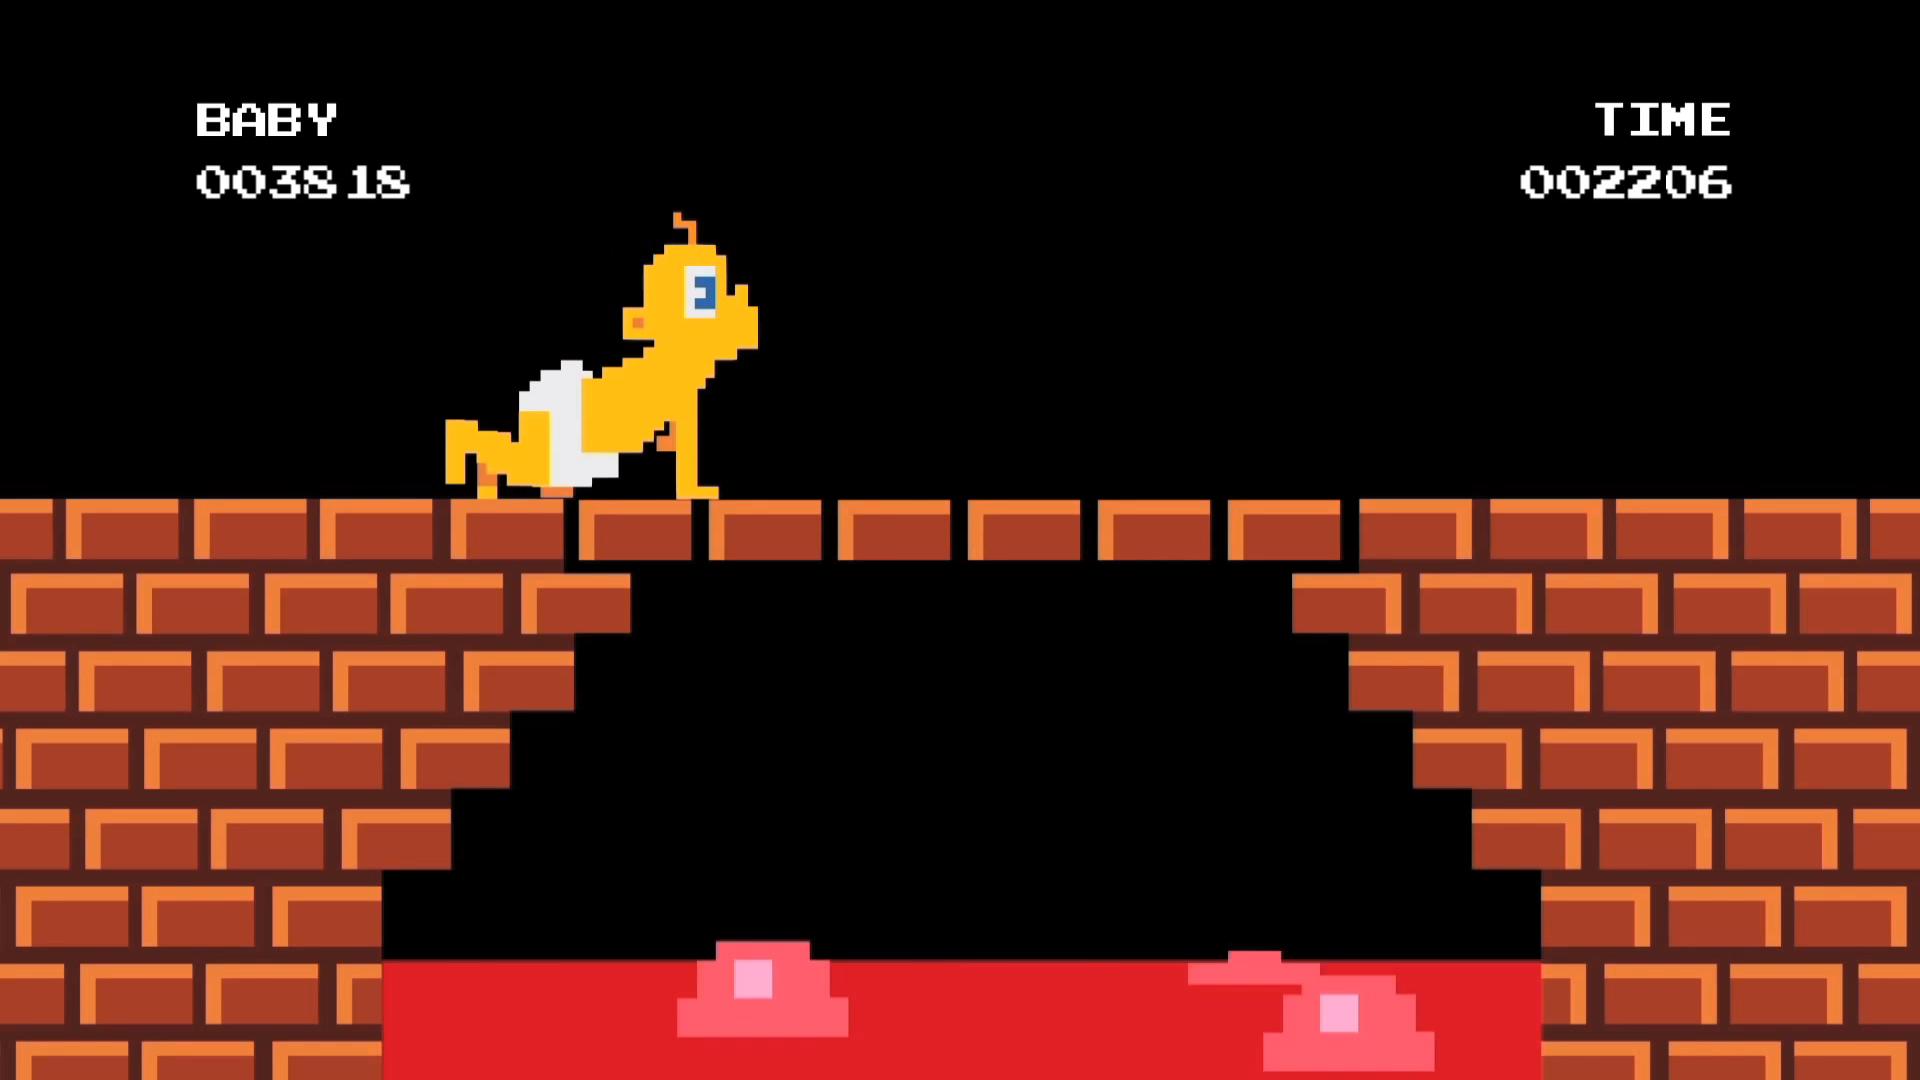 Smoking Baby 8-Bit Video Game